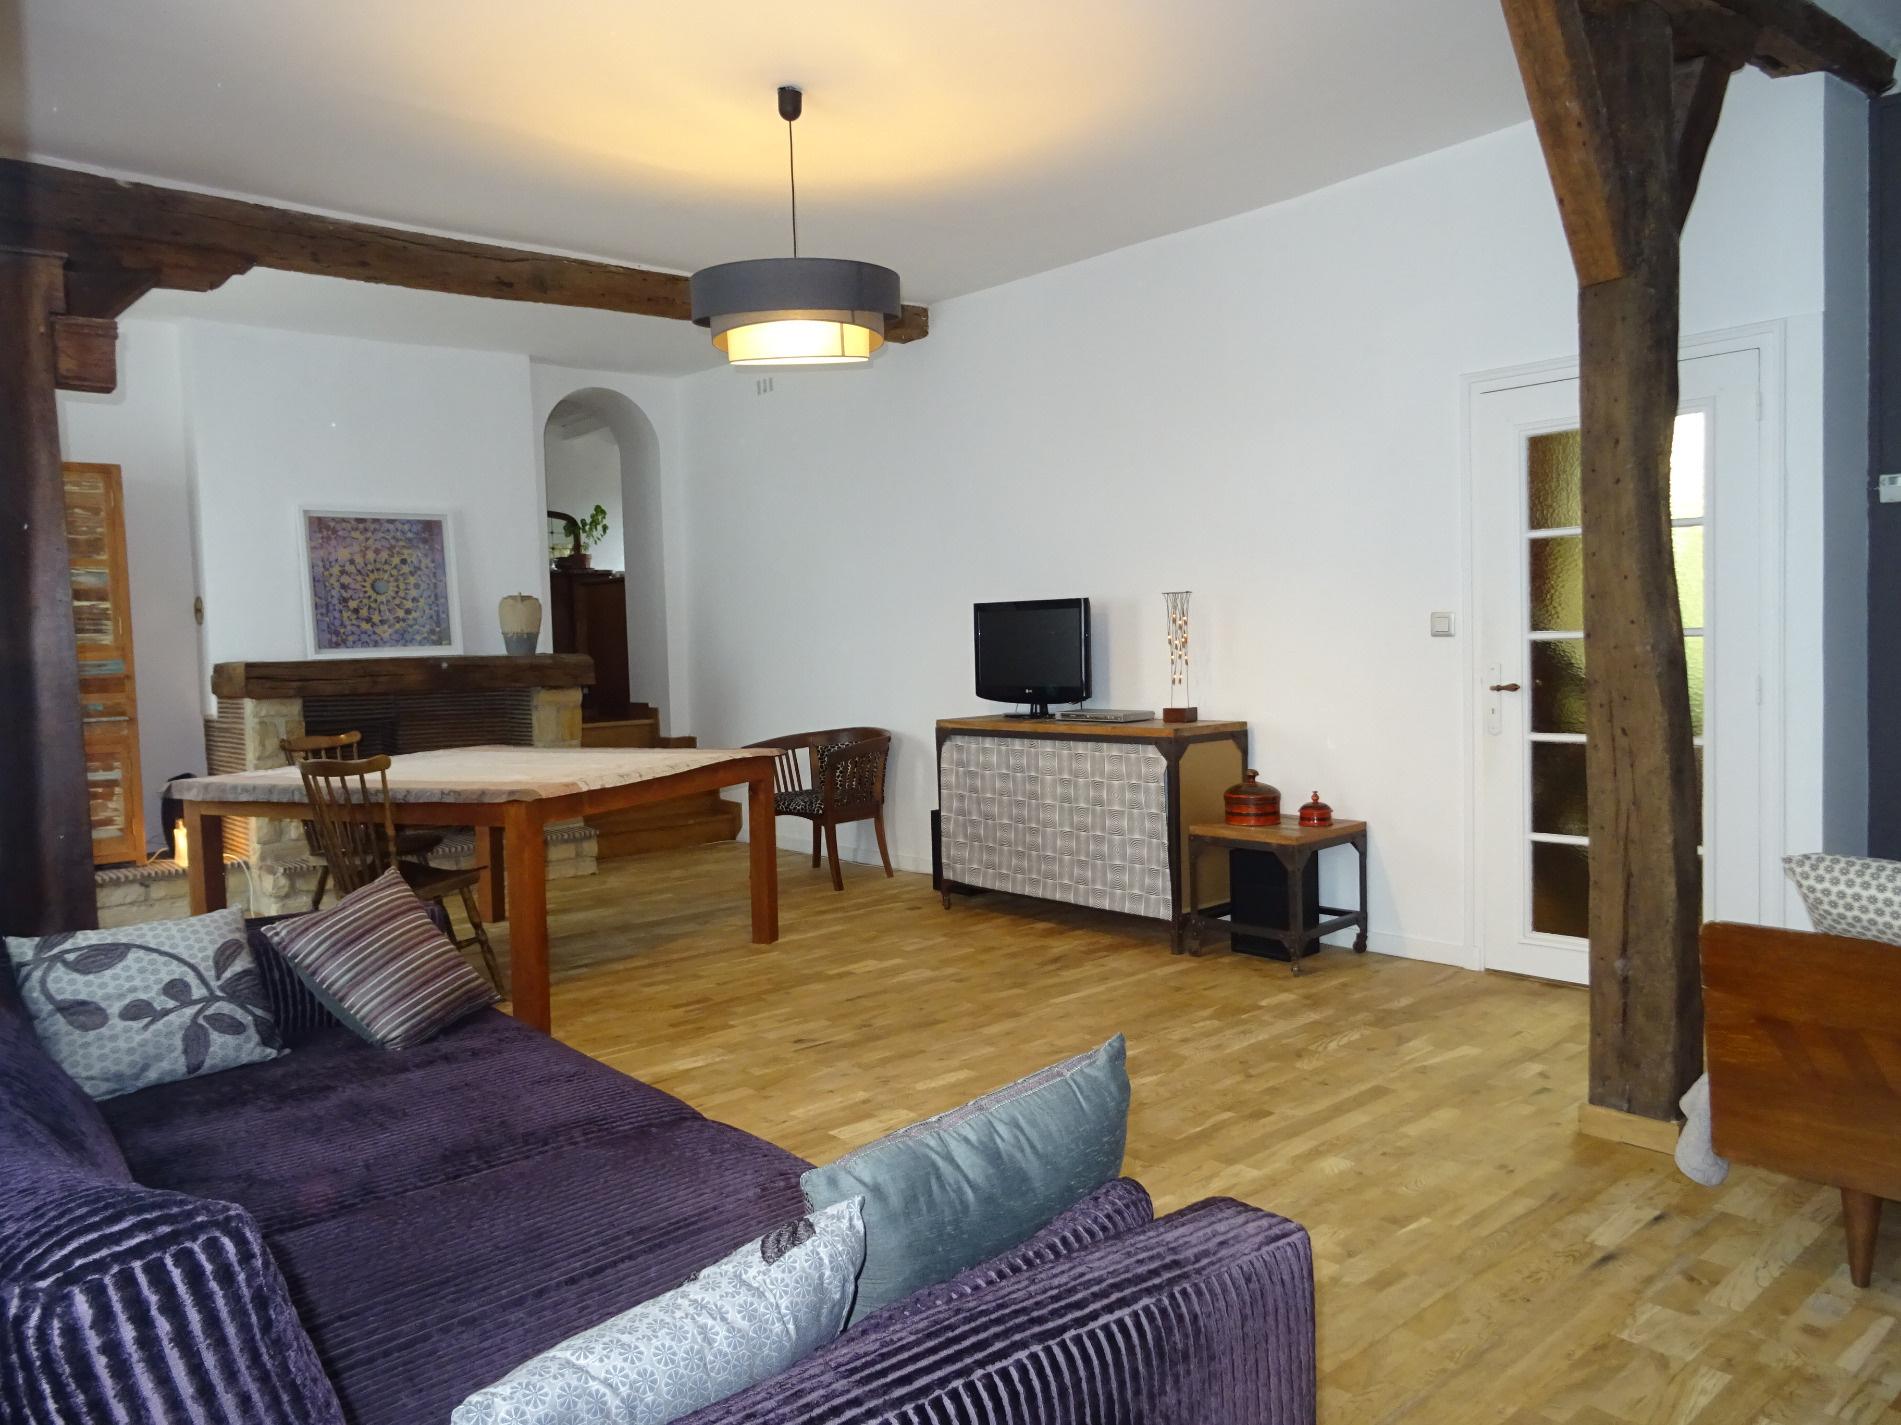 vente appartement en duplex 3 chambres dans petite copropri t. Black Bedroom Furniture Sets. Home Design Ideas